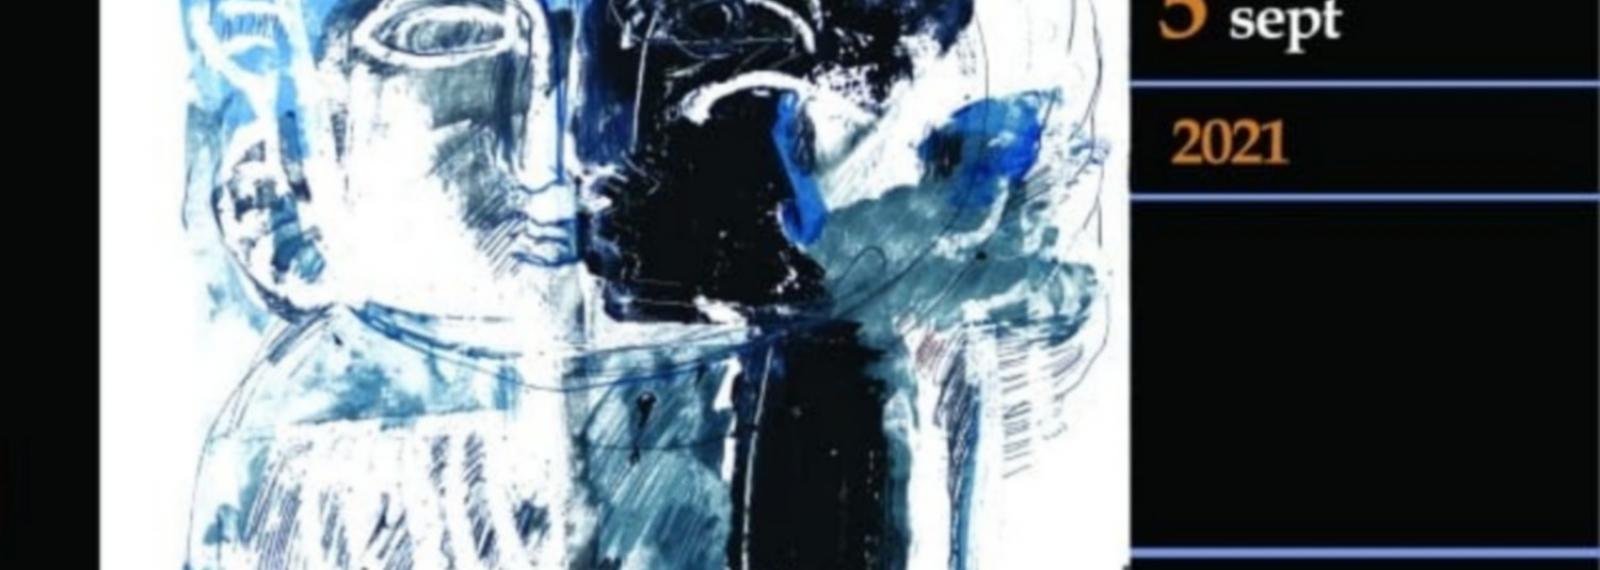 Exposition 'L'étreinte' par Nath Chauve Crepel Fleury